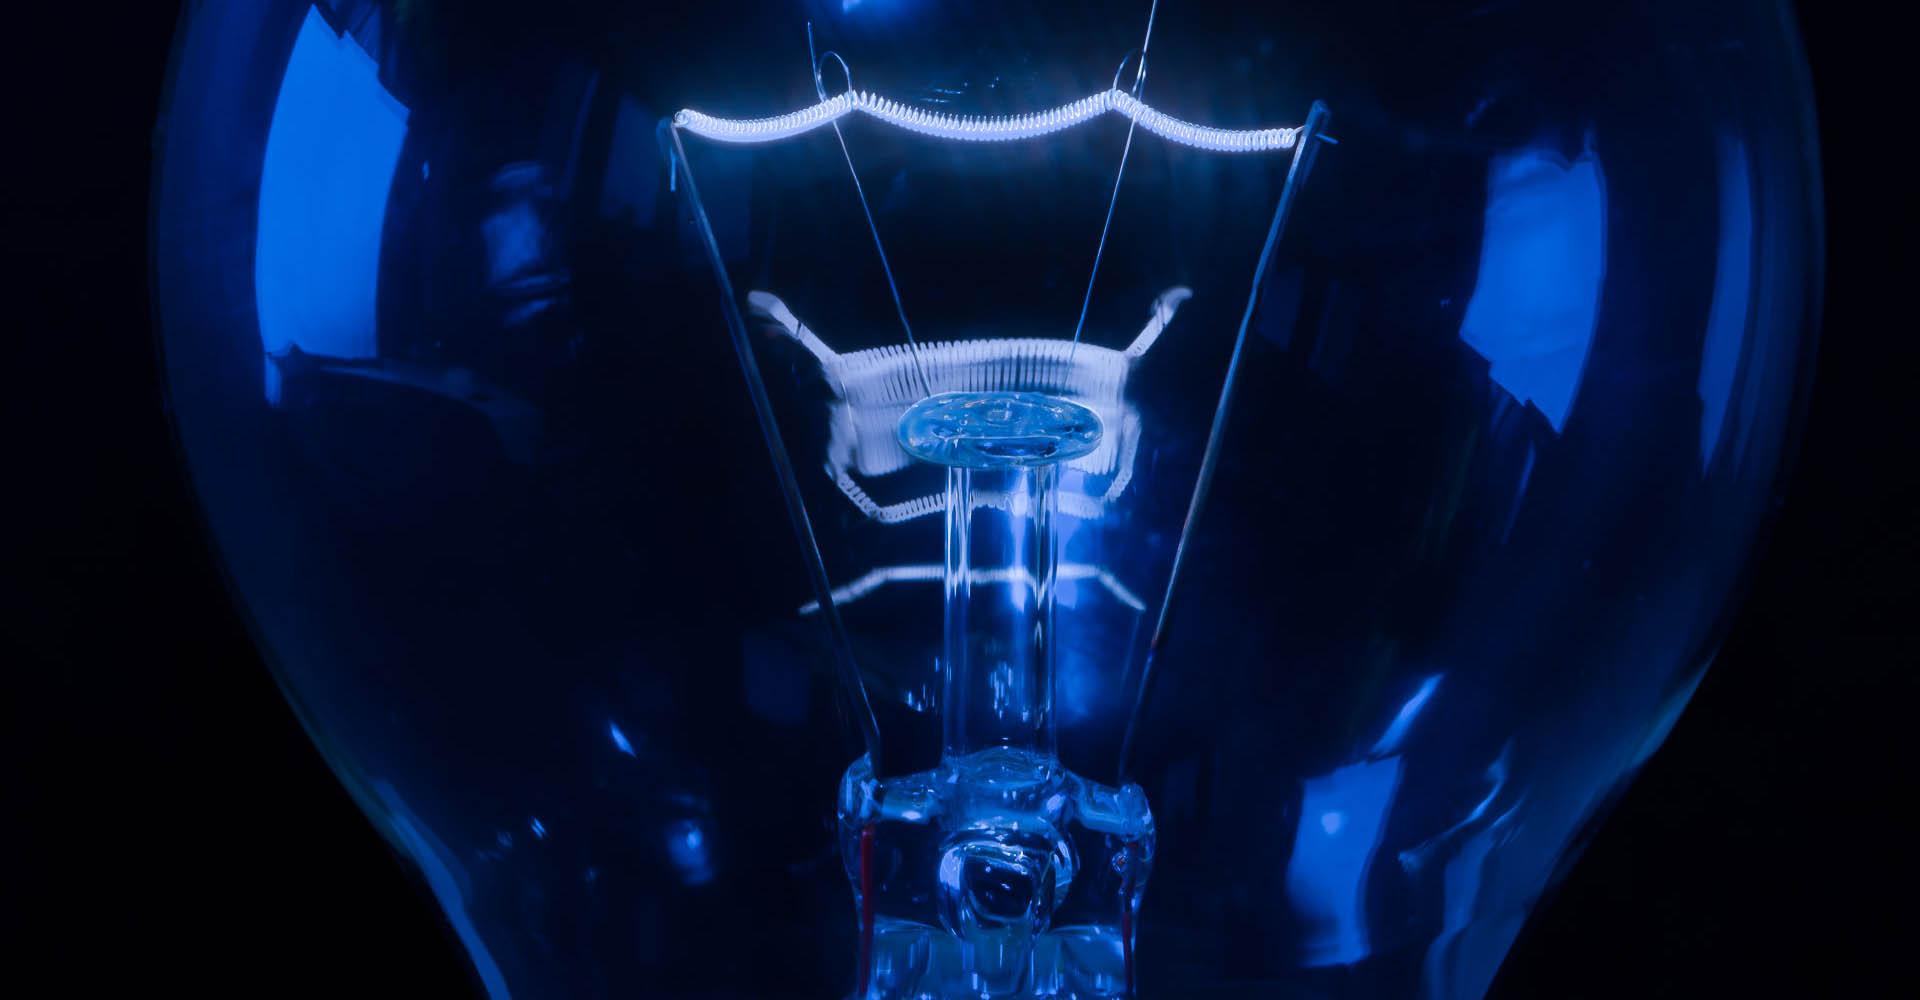 Hommage an die Glühbirne